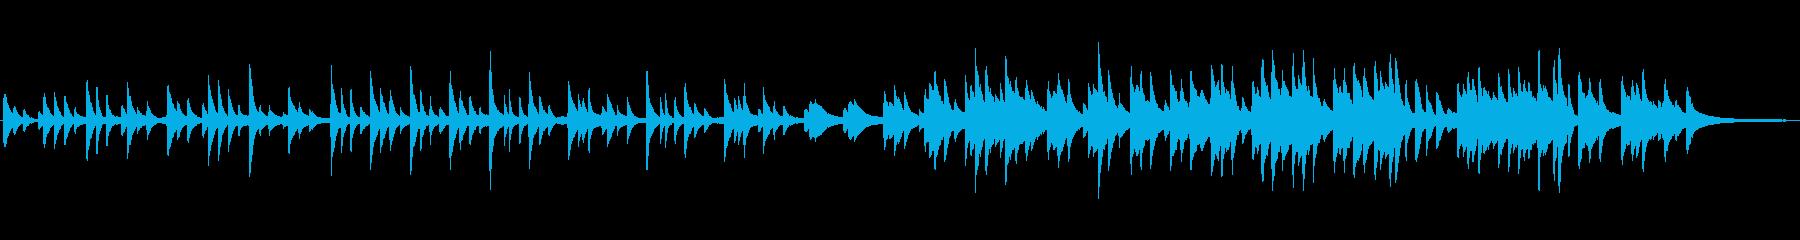 切なく穏やかなクラシックピアノの再生済みの波形